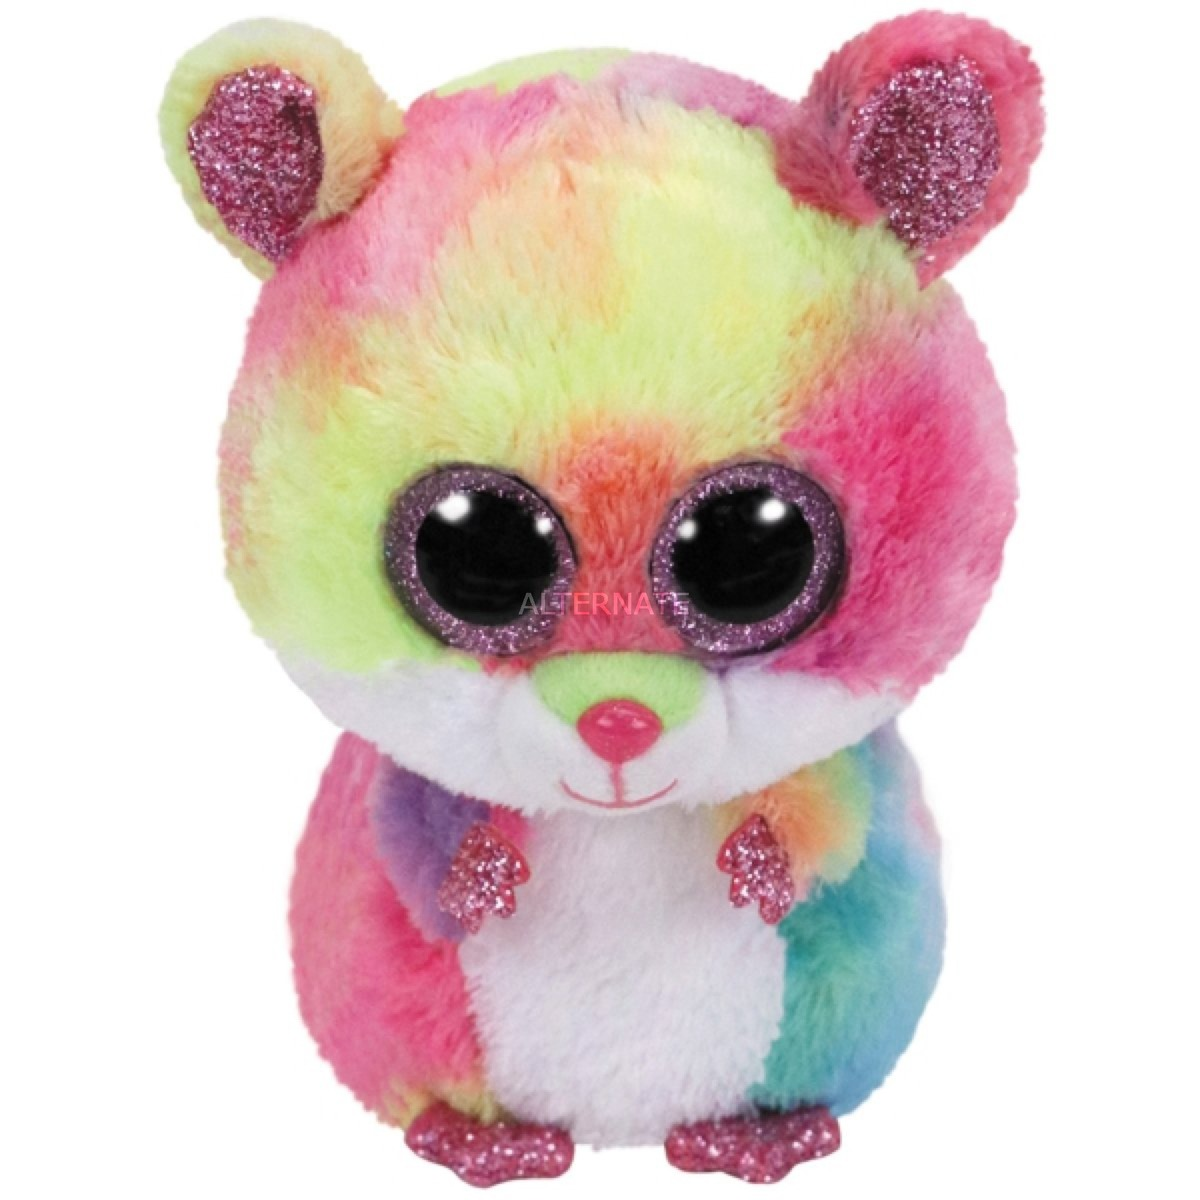 7136416 juguete de peluche Animales de juguete Multicolor Tela, Peluches